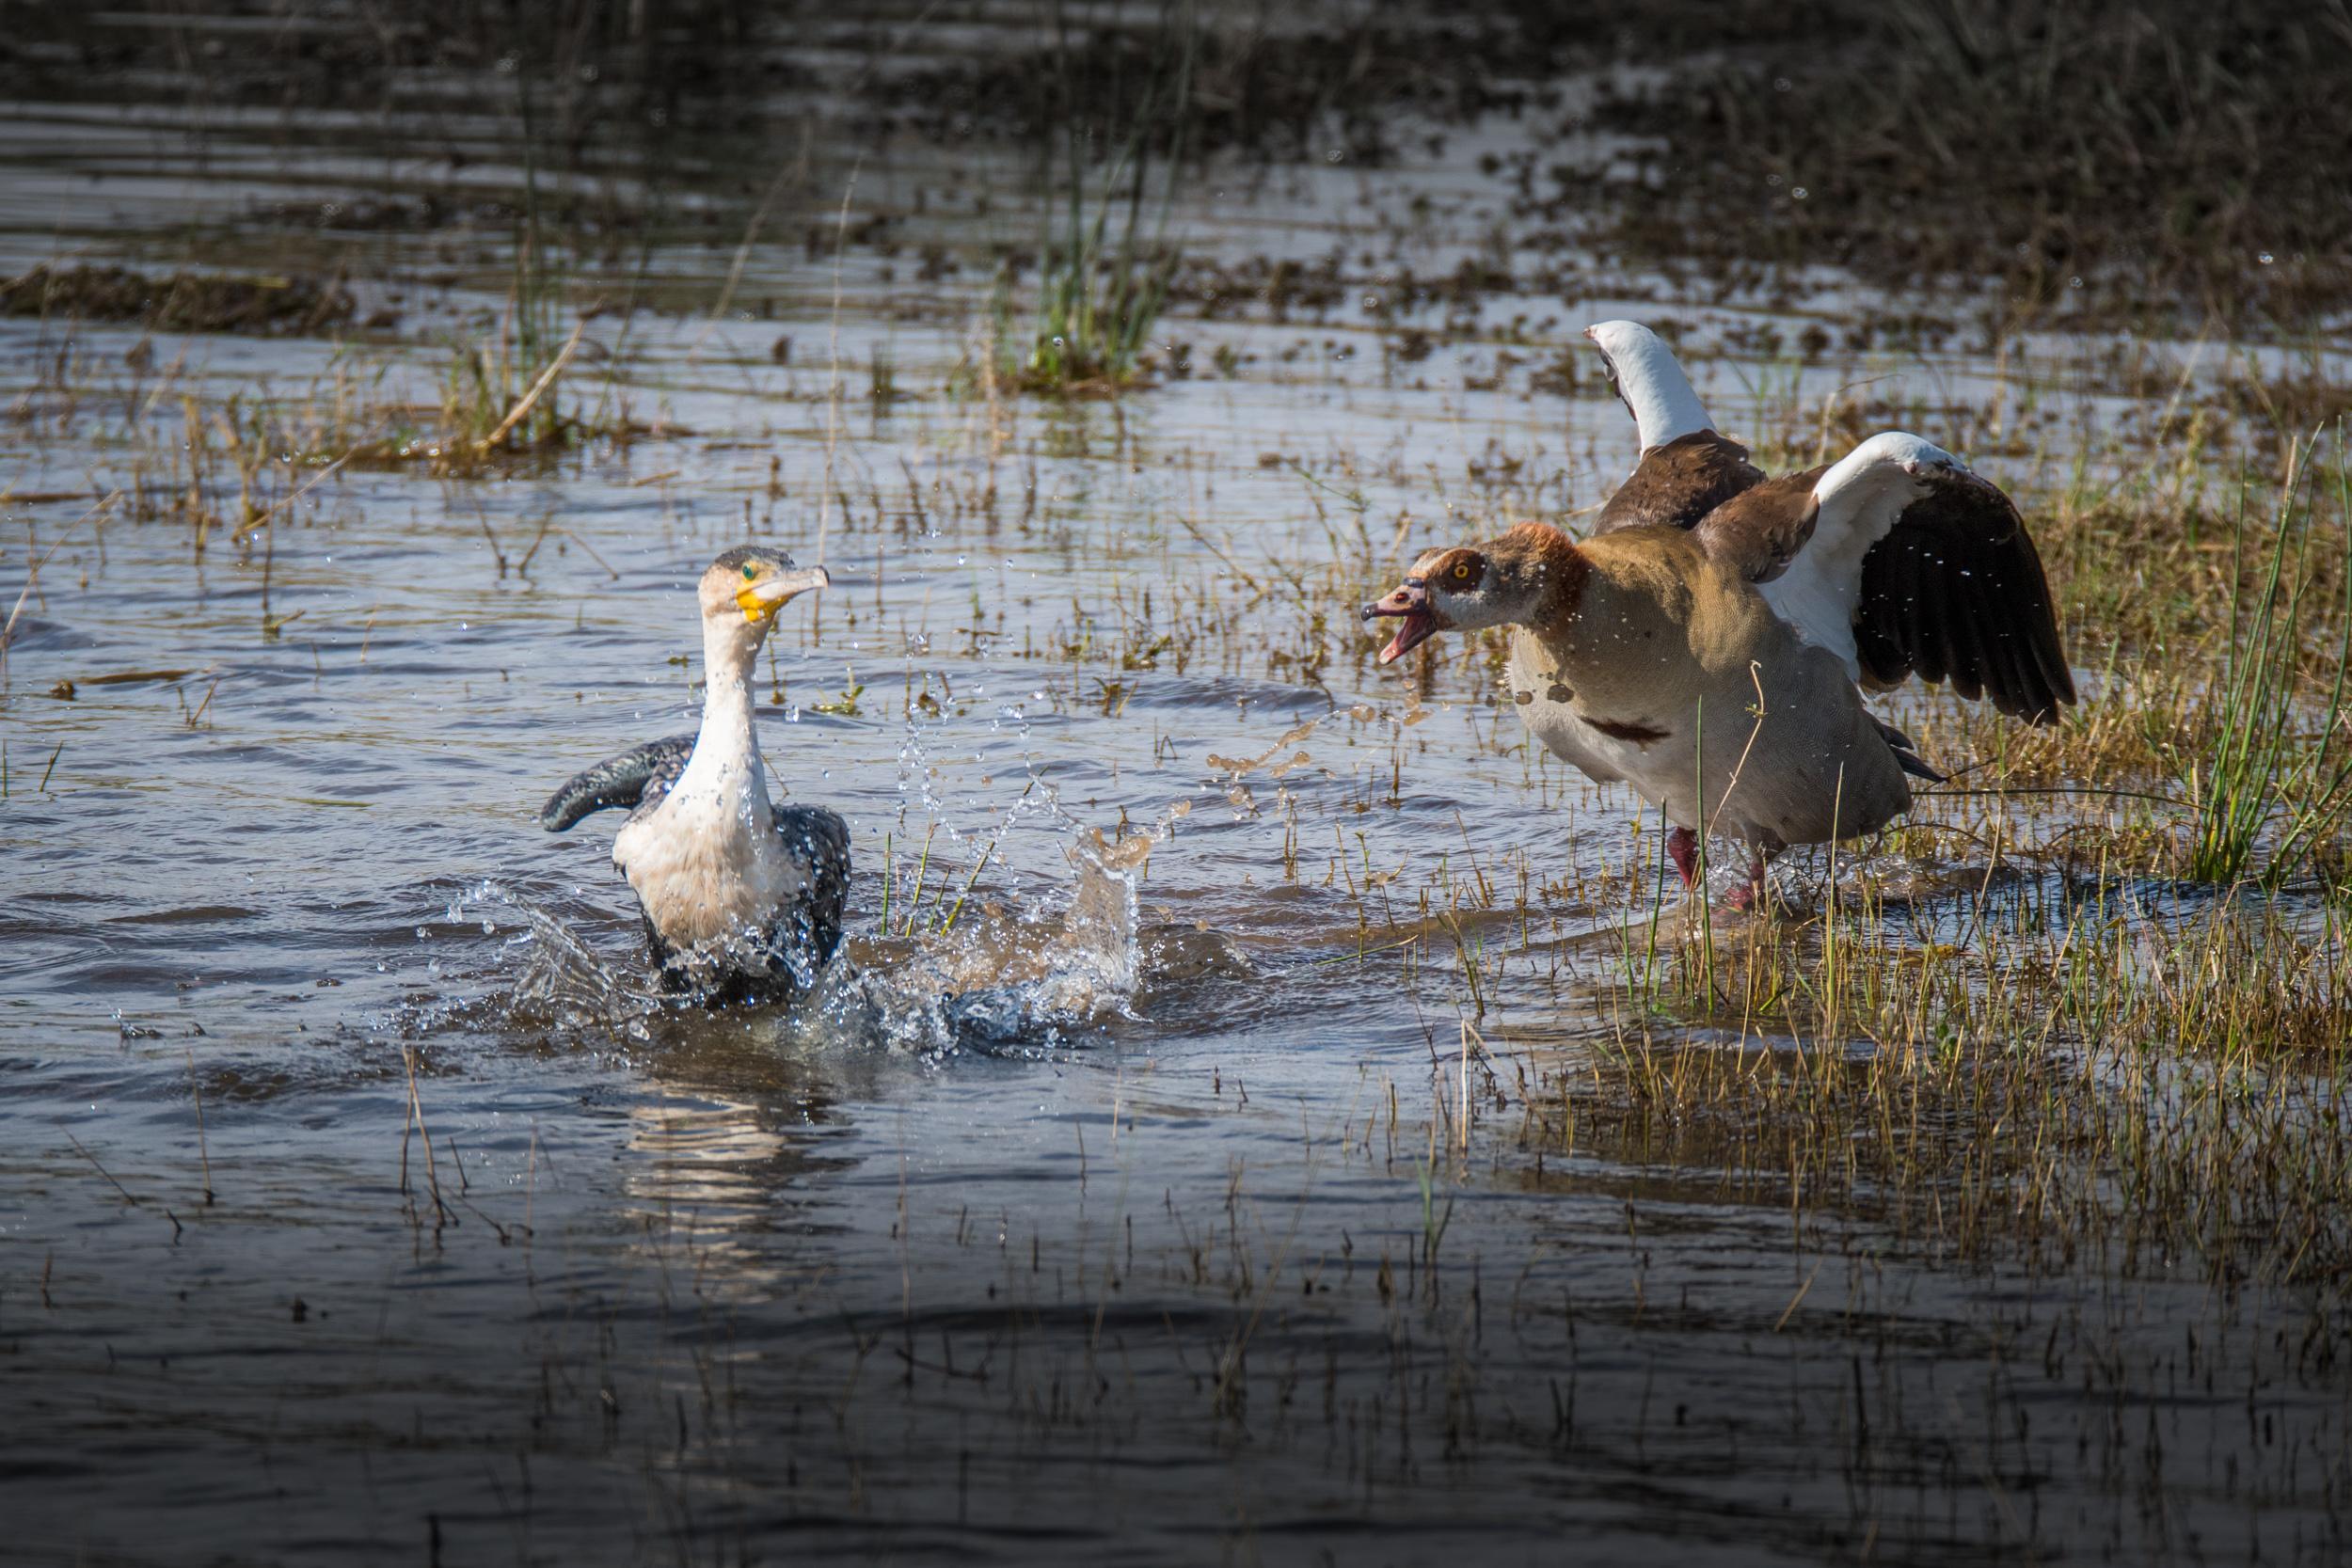 birds-large-nowatermark-1.jpg